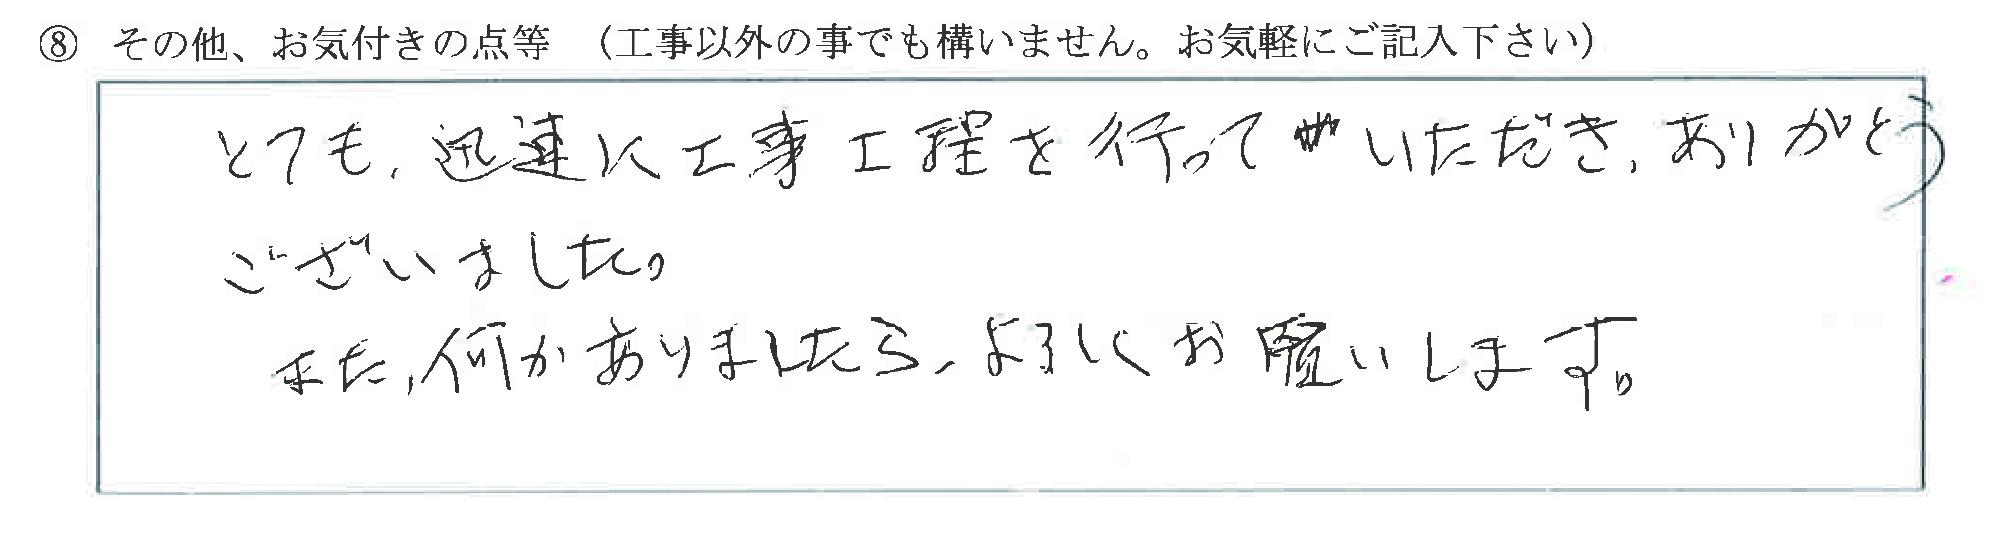 富山県富山市Y様に頂いた石油給湯器取替え工事についてのお気づきの点がありましたら、お聞かせ下さい。というご質問について「石油給湯器取替え工事 【  お喜びの声  】」というお声についての画像